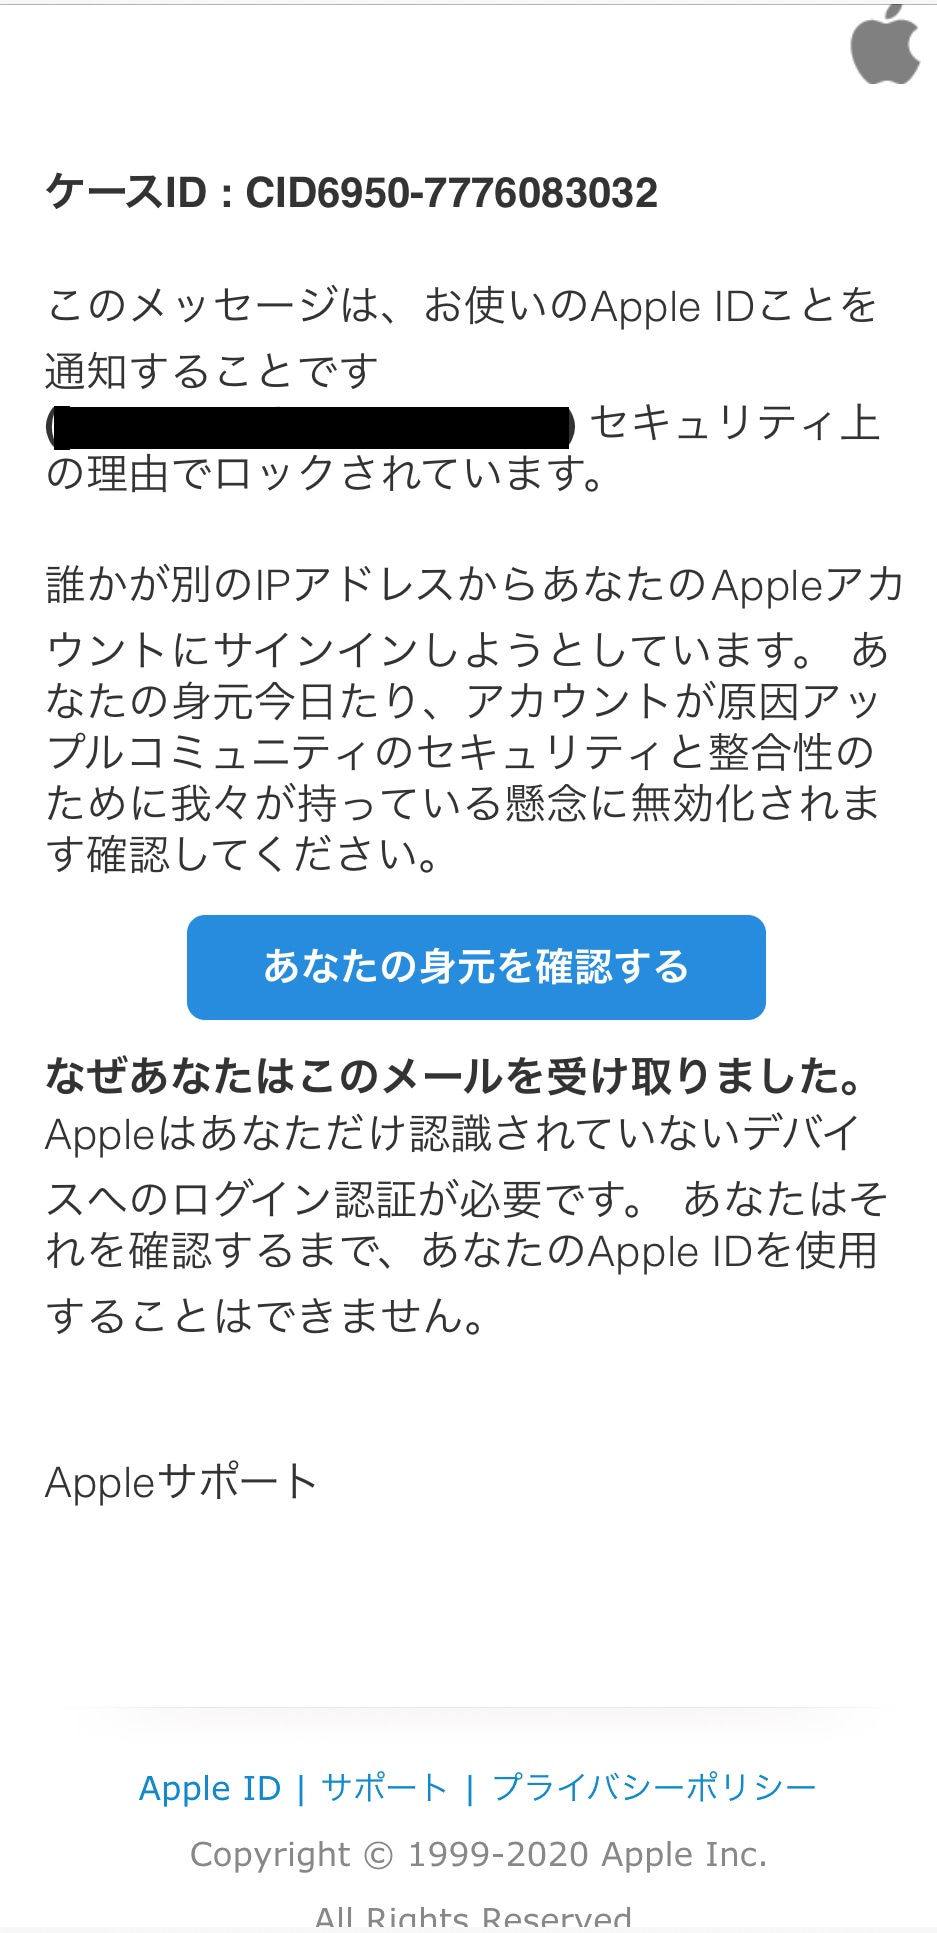 は apple id と